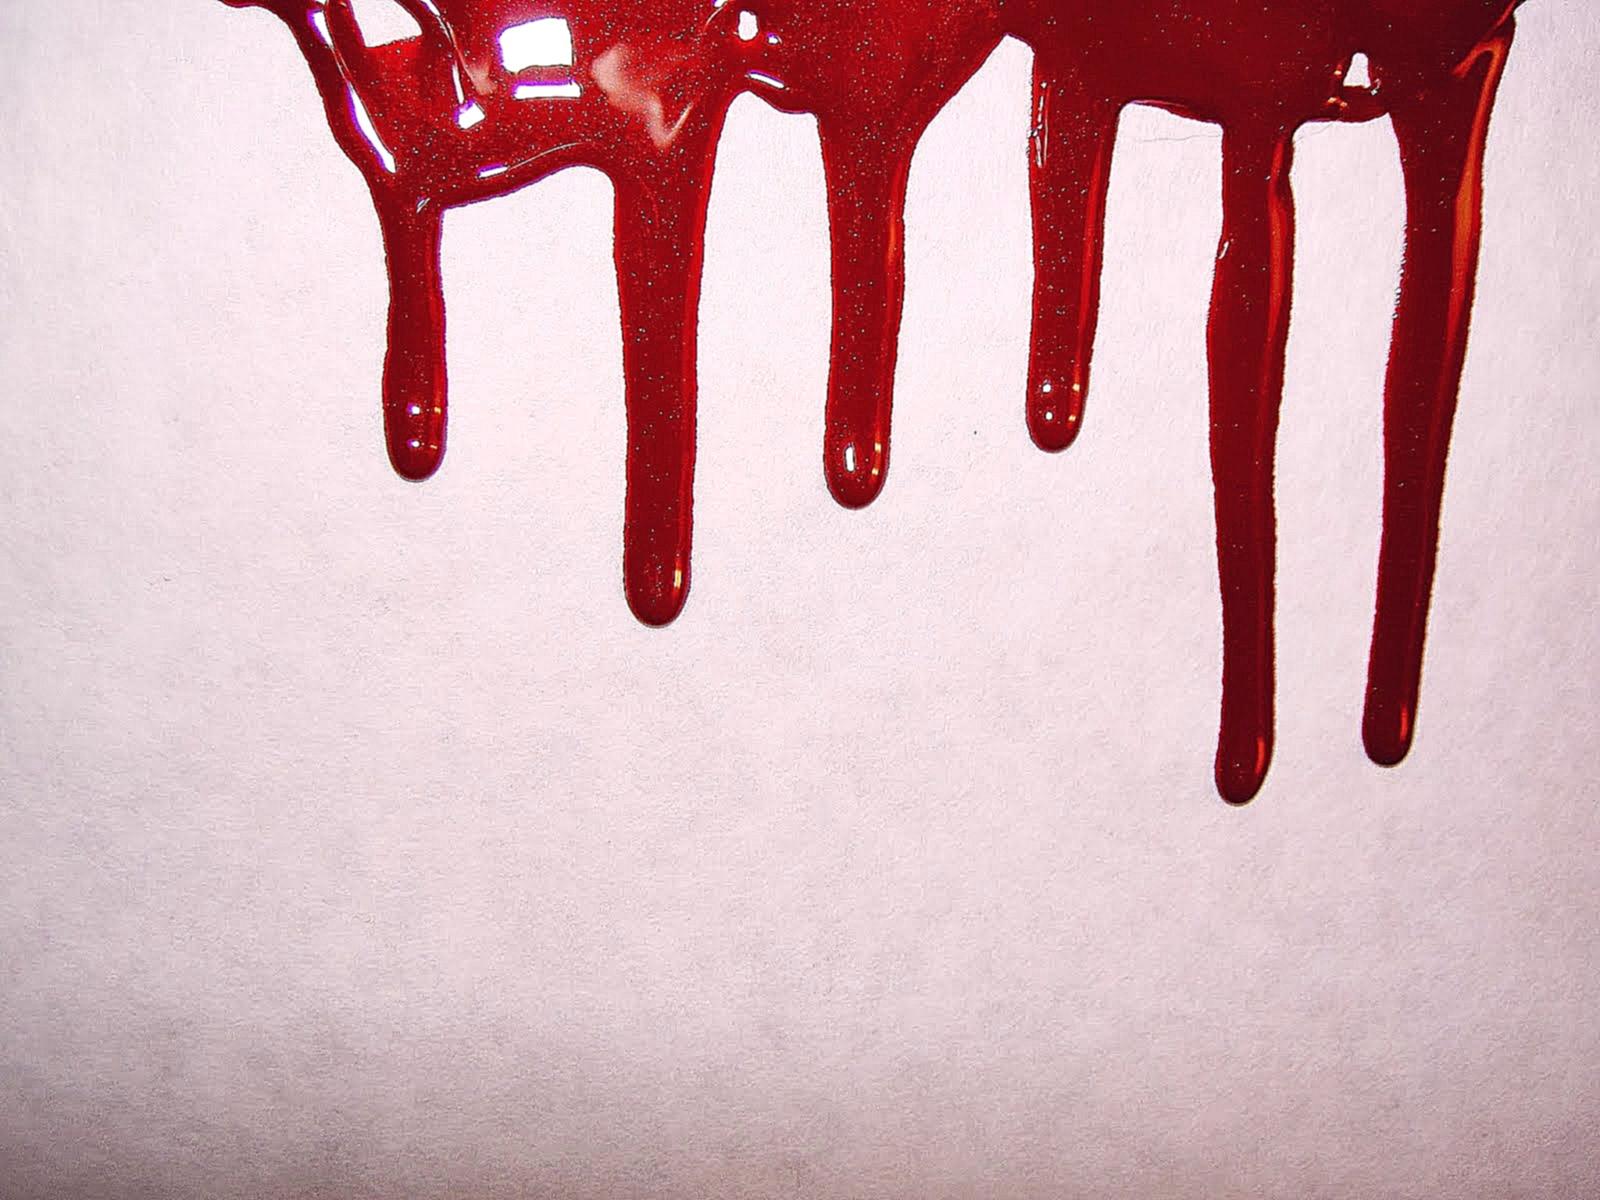 vörös folt, mint a bőr zúzódása a hasfoltok vörösek és viszketőek